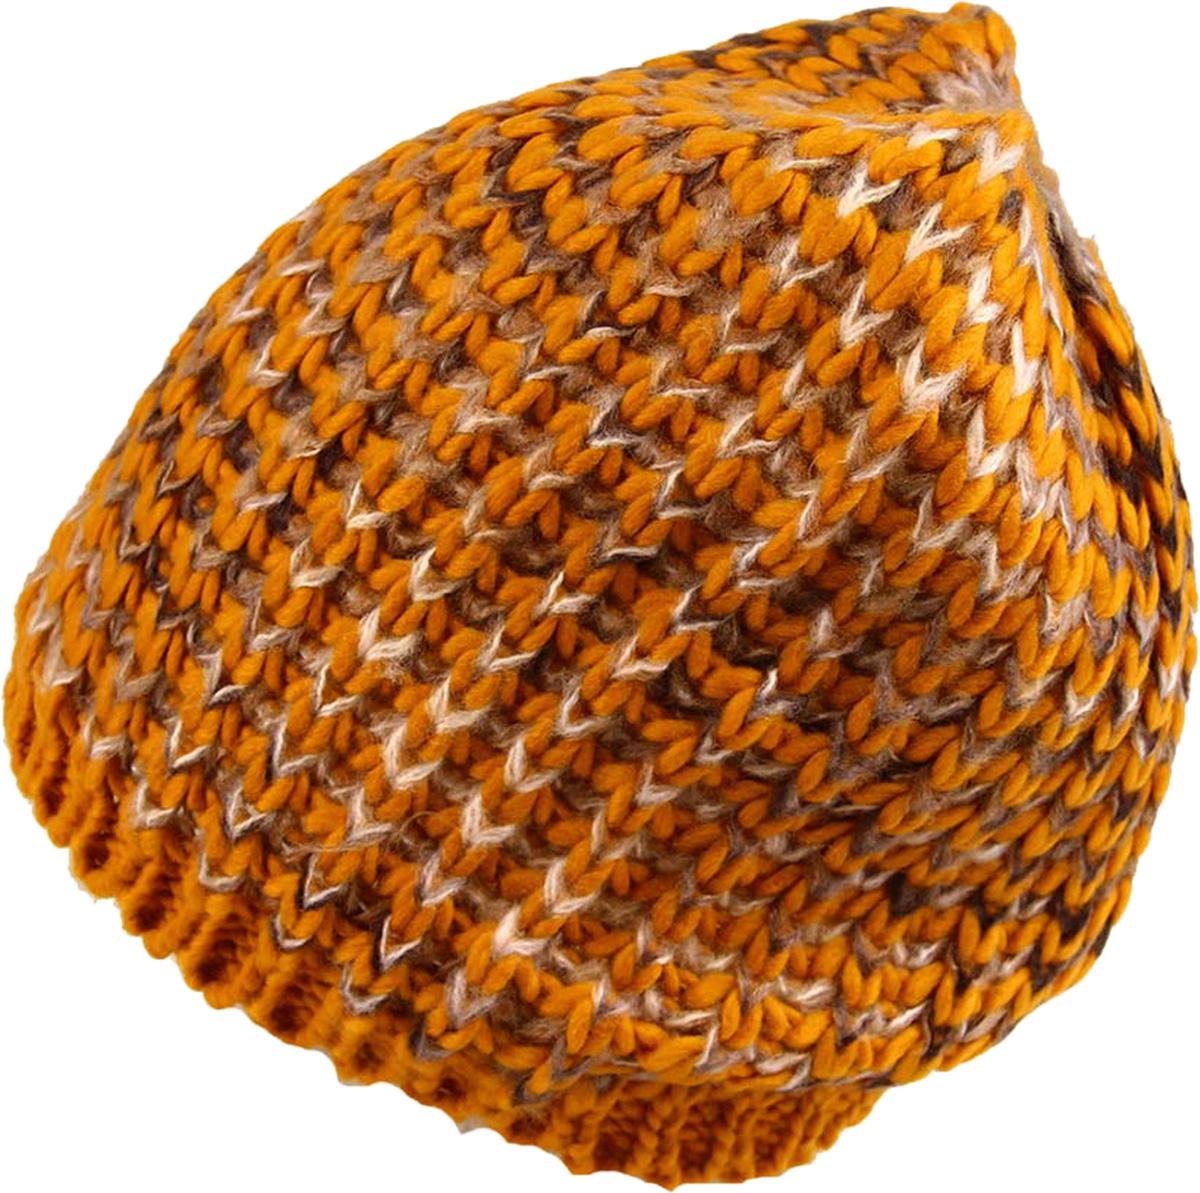 Шапка женская Venera, цвет: желтый, бежевый, белый. 9806456-22. Размер универсальный9806456-22 ШапкаСтильная женская шапка Venera, выполненная из комбинированной шерстяной пряжи, станет отличным дополнением вашего образа в холодную погоду. Широкая резинка по низу изделия обеспечивает удобную посадку и идеальное облегание. Шапка Venera отлично дополнит ваш повседневный образ, это универсальный и очень практичный аксессуар.